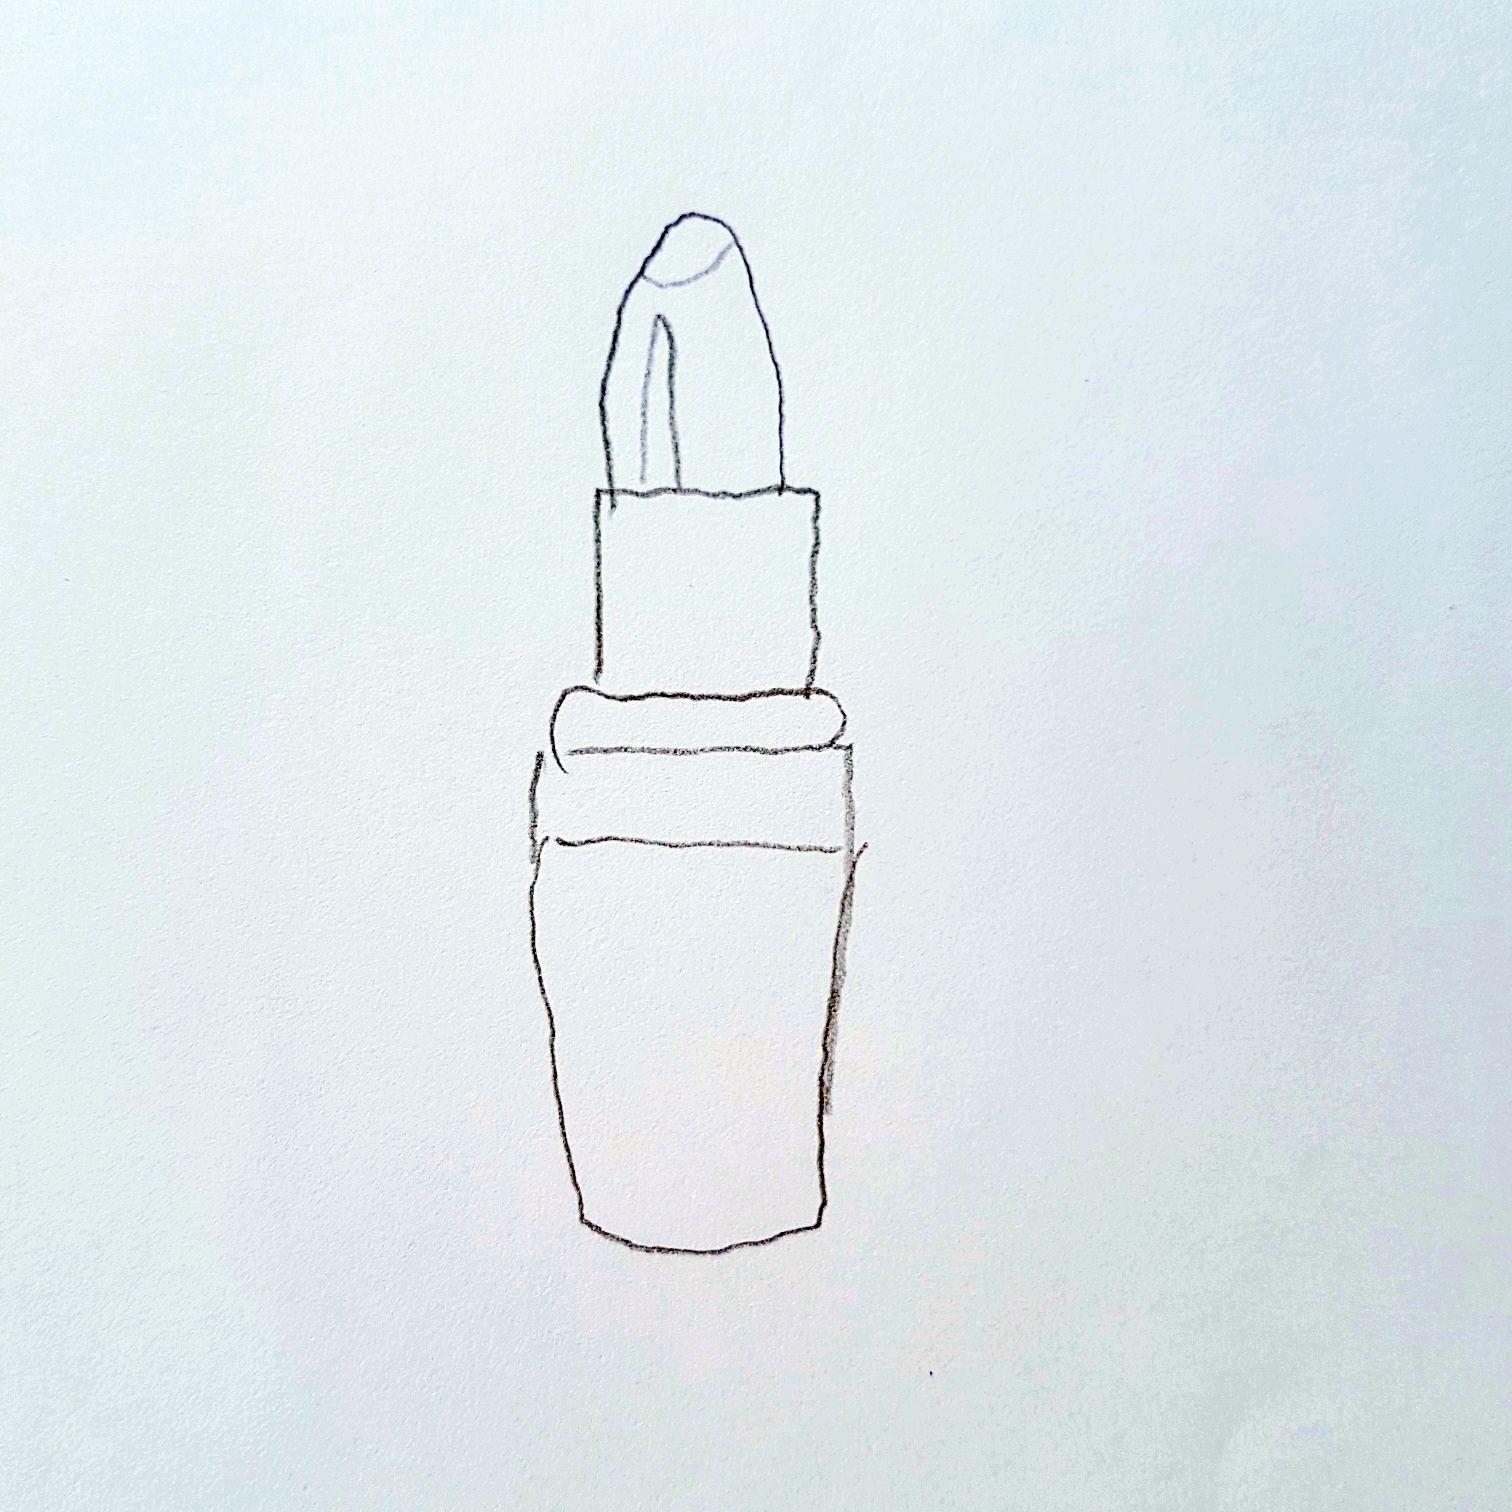 Anleitung zum Zeichnen eines Lippenstift